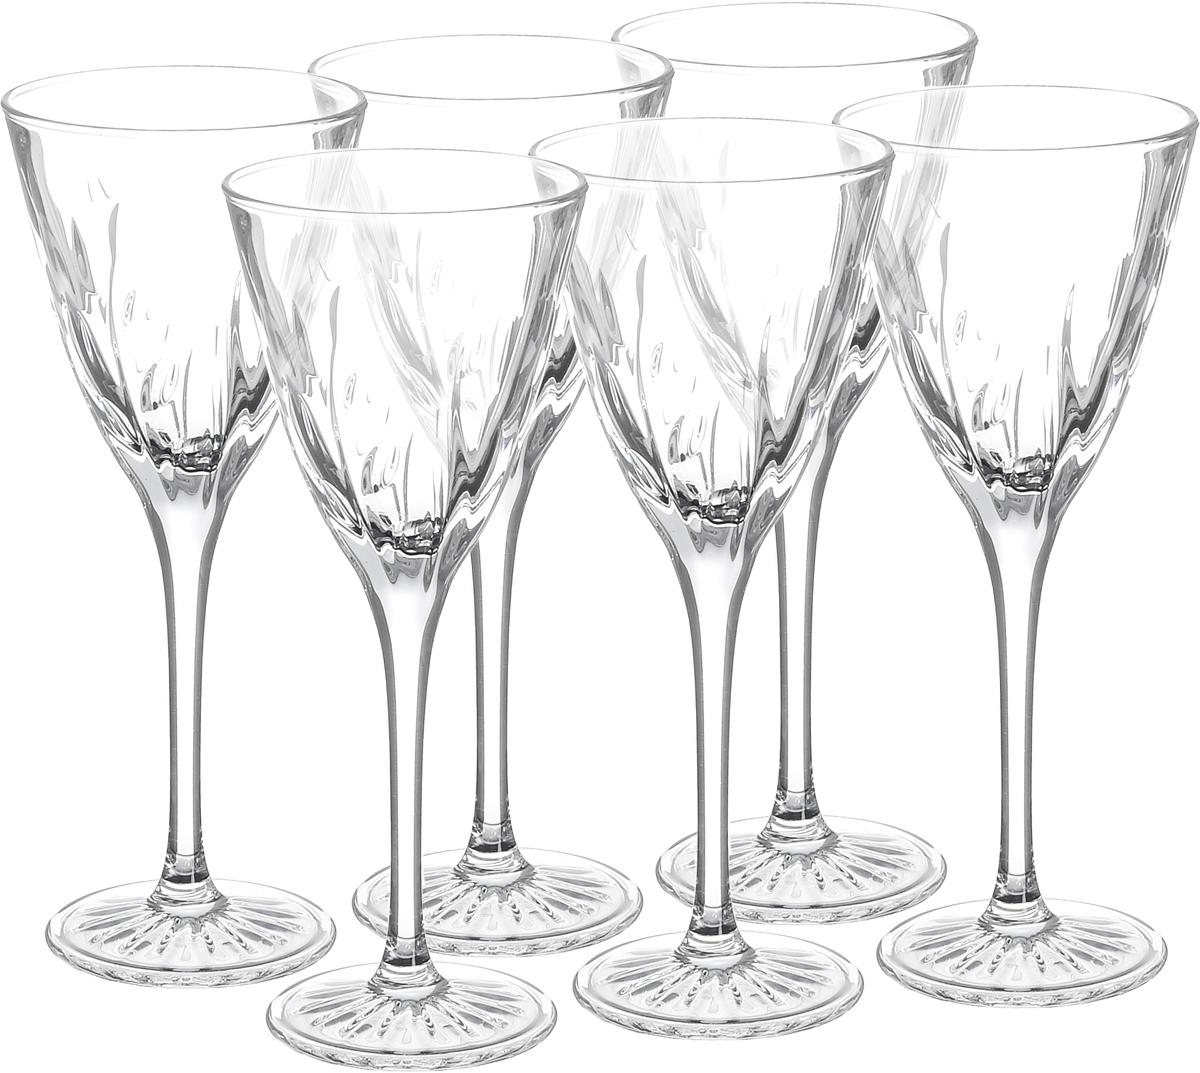 Набор рюмок Cristal dArques Cassandra, 60 мл, 6 шт4630003364517Набор Cristal dArques Cassandra состоит из 6 рюмок, изготовленных из прочного стекла. Изделия, предназначенные для подачи ликера и других спиртных напитков, несомненно придутся вам по душе. Рюмки сочетают в себе элегантный дизайн и функциональность. Набор рюмок Cristal dArques Cassandra идеально подойдет для сервировки стола и станет отличным подарком к любому празднику.Диаметр (по верхнему краю): 5,5 см.Высота: 14 см.Диаметр основания: 4,7 см.